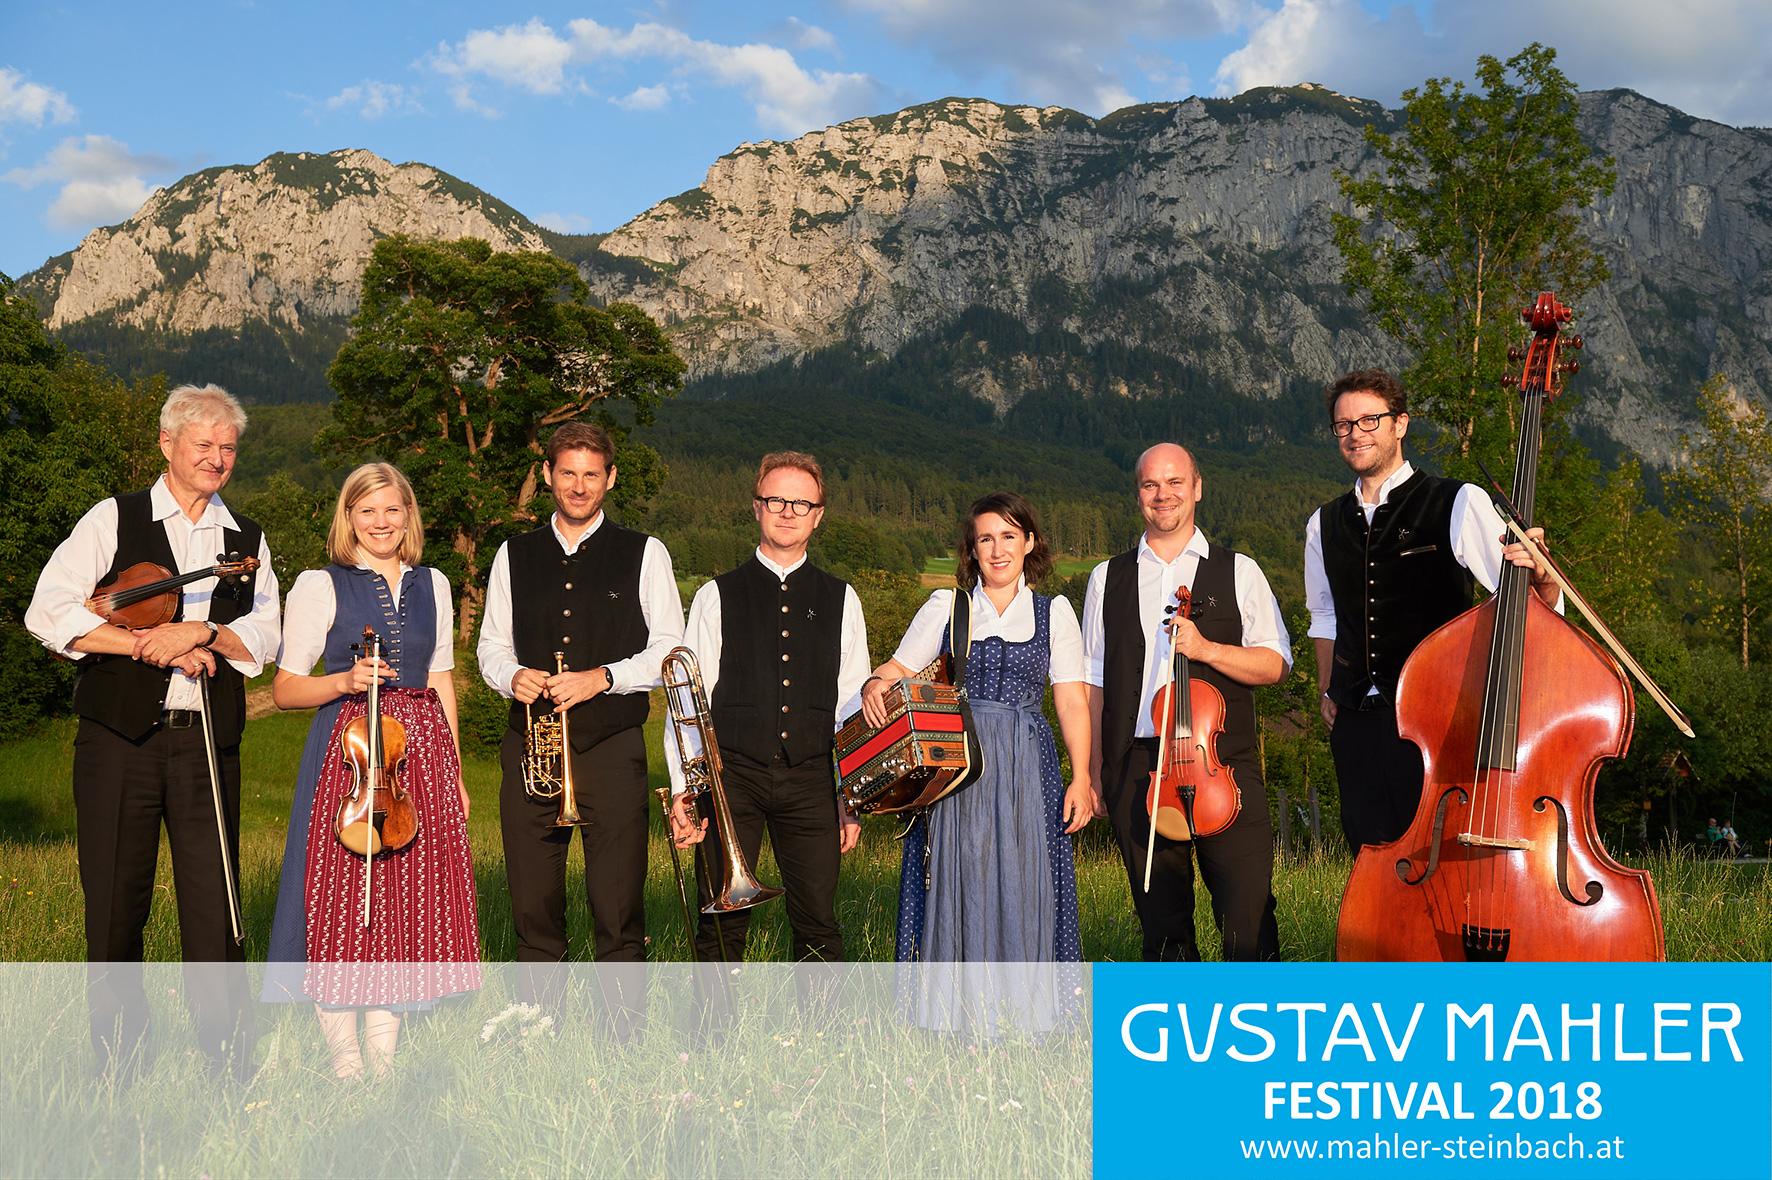 Die Tanzgeiger beim 3. Gustav Mahler Festival in Steinbach